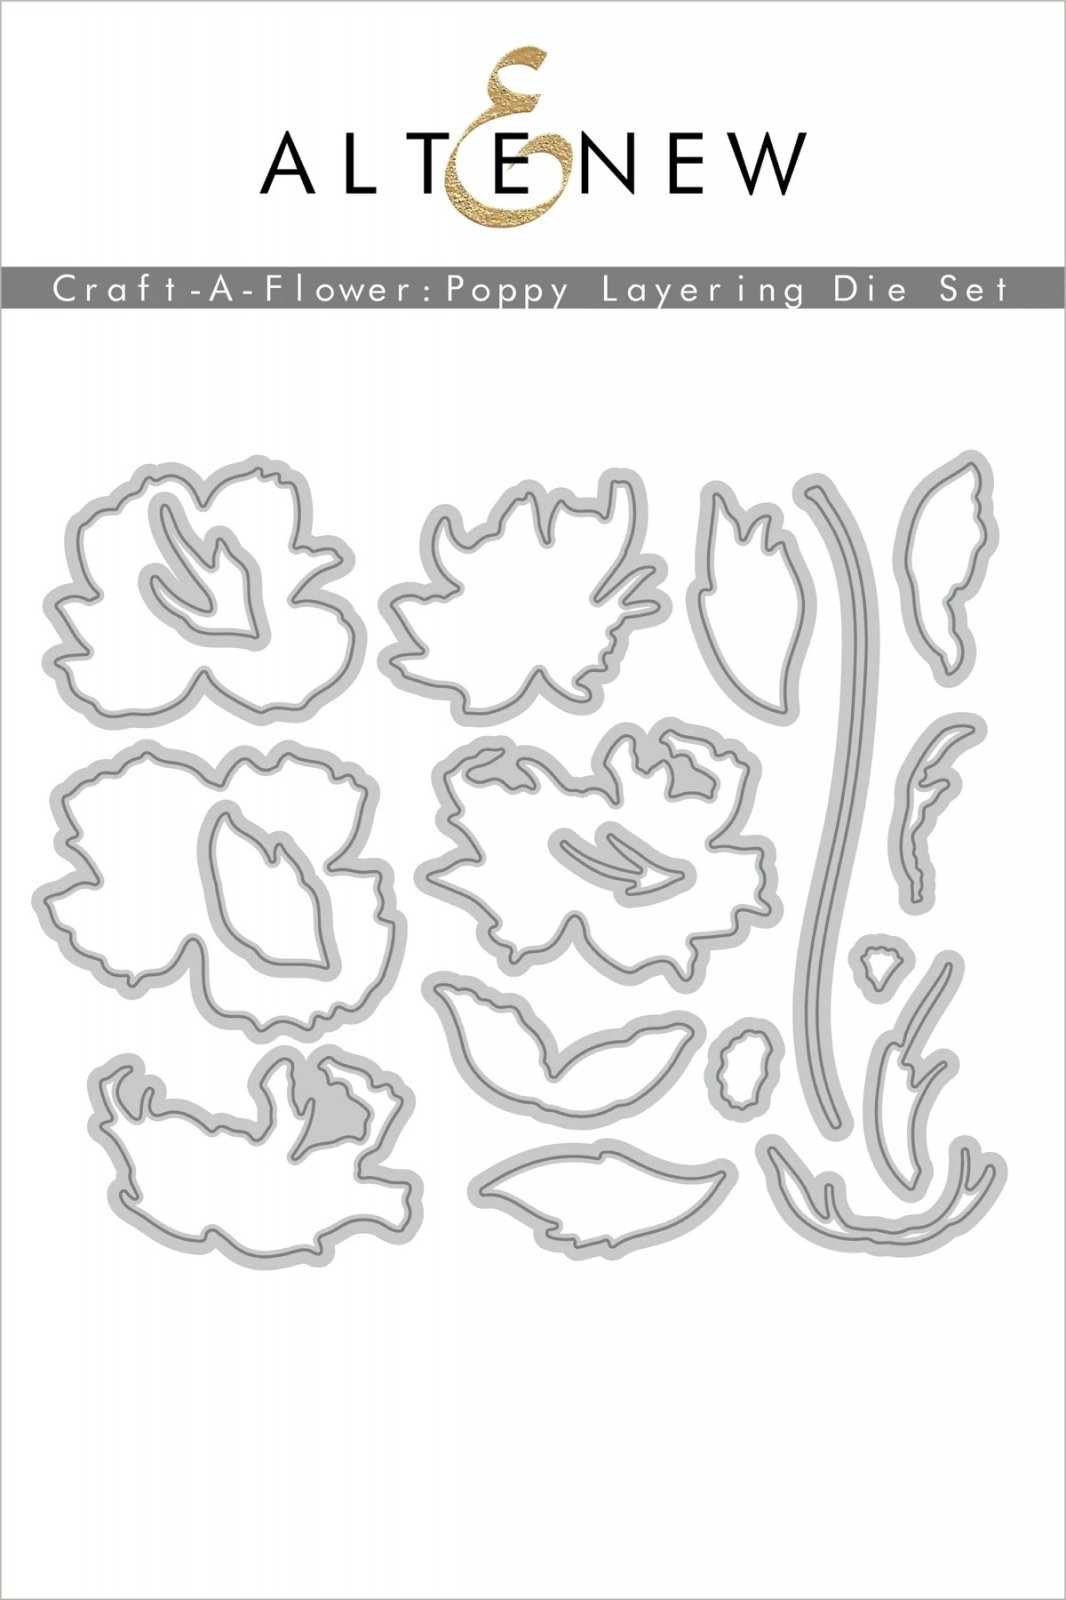 Craft-A-Flower: Poppy Layering Die Set